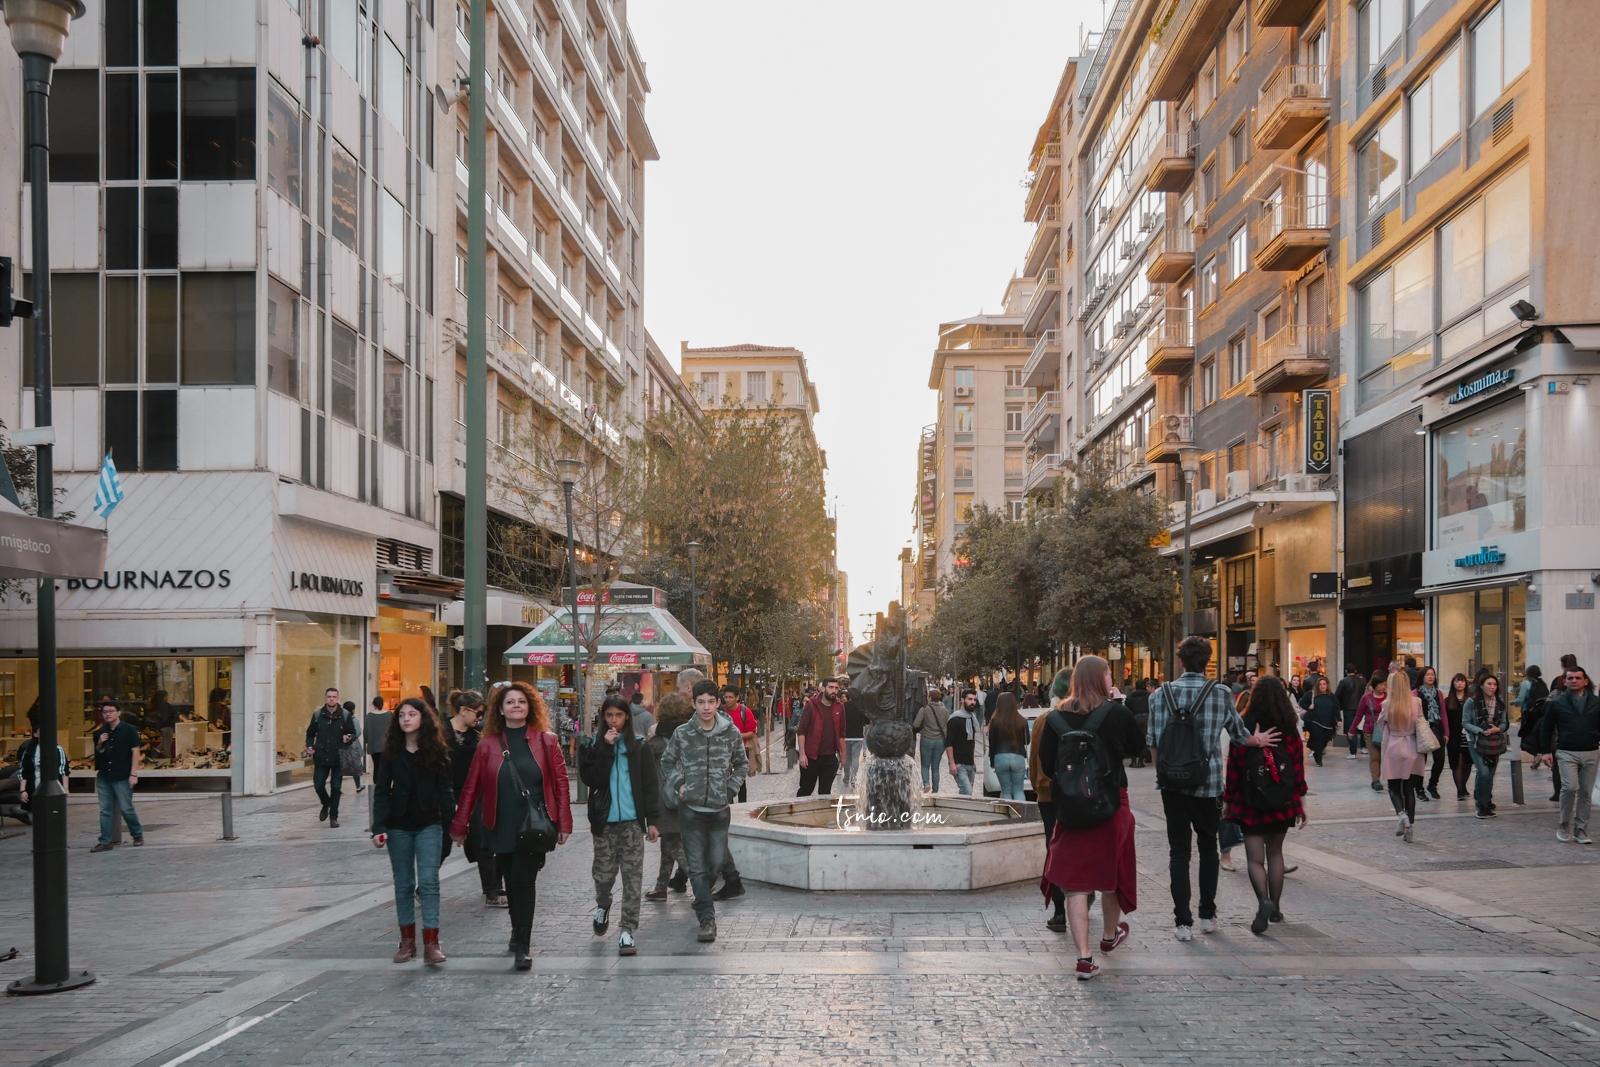 希臘雅典自由行攻略 交通、景點、美食、住宿、購物總整理